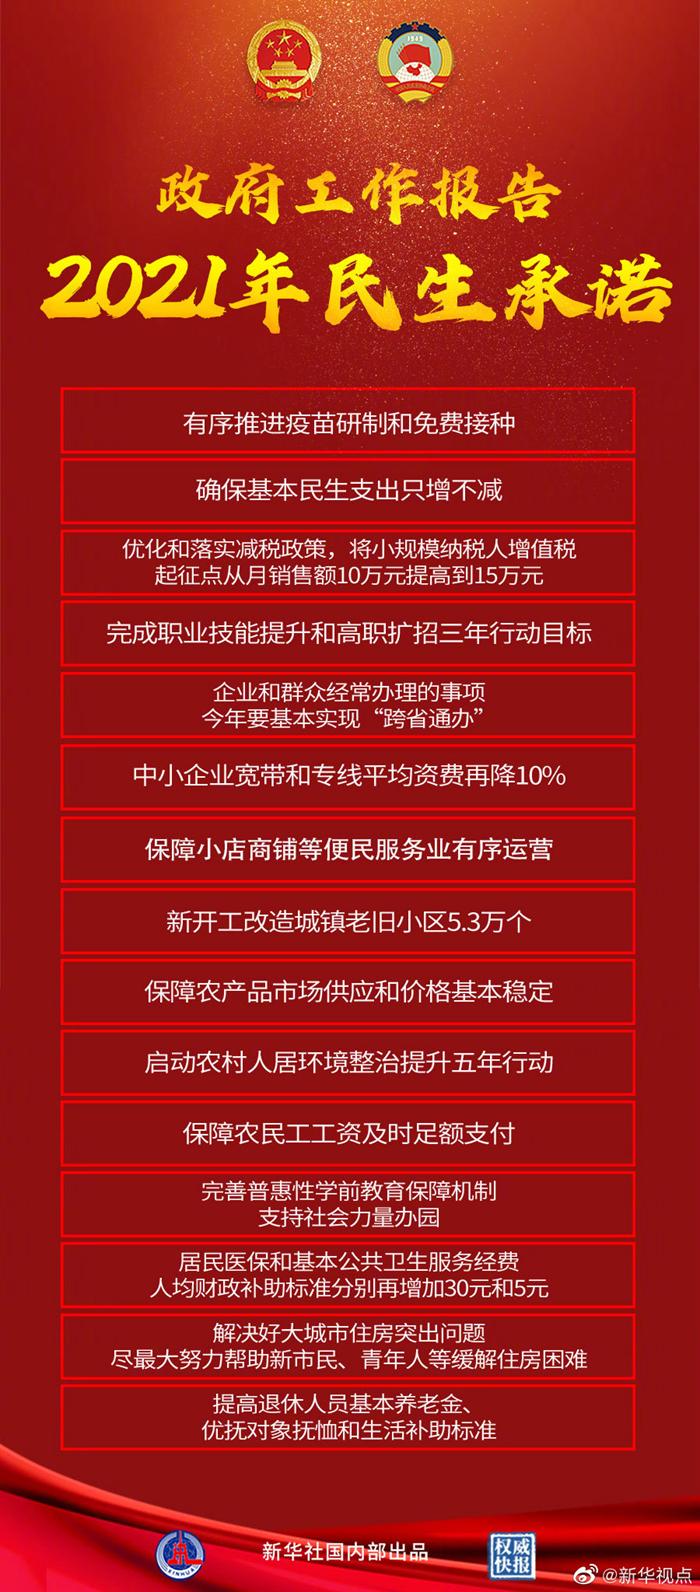 权威快报 | 政府工作报告民生承诺